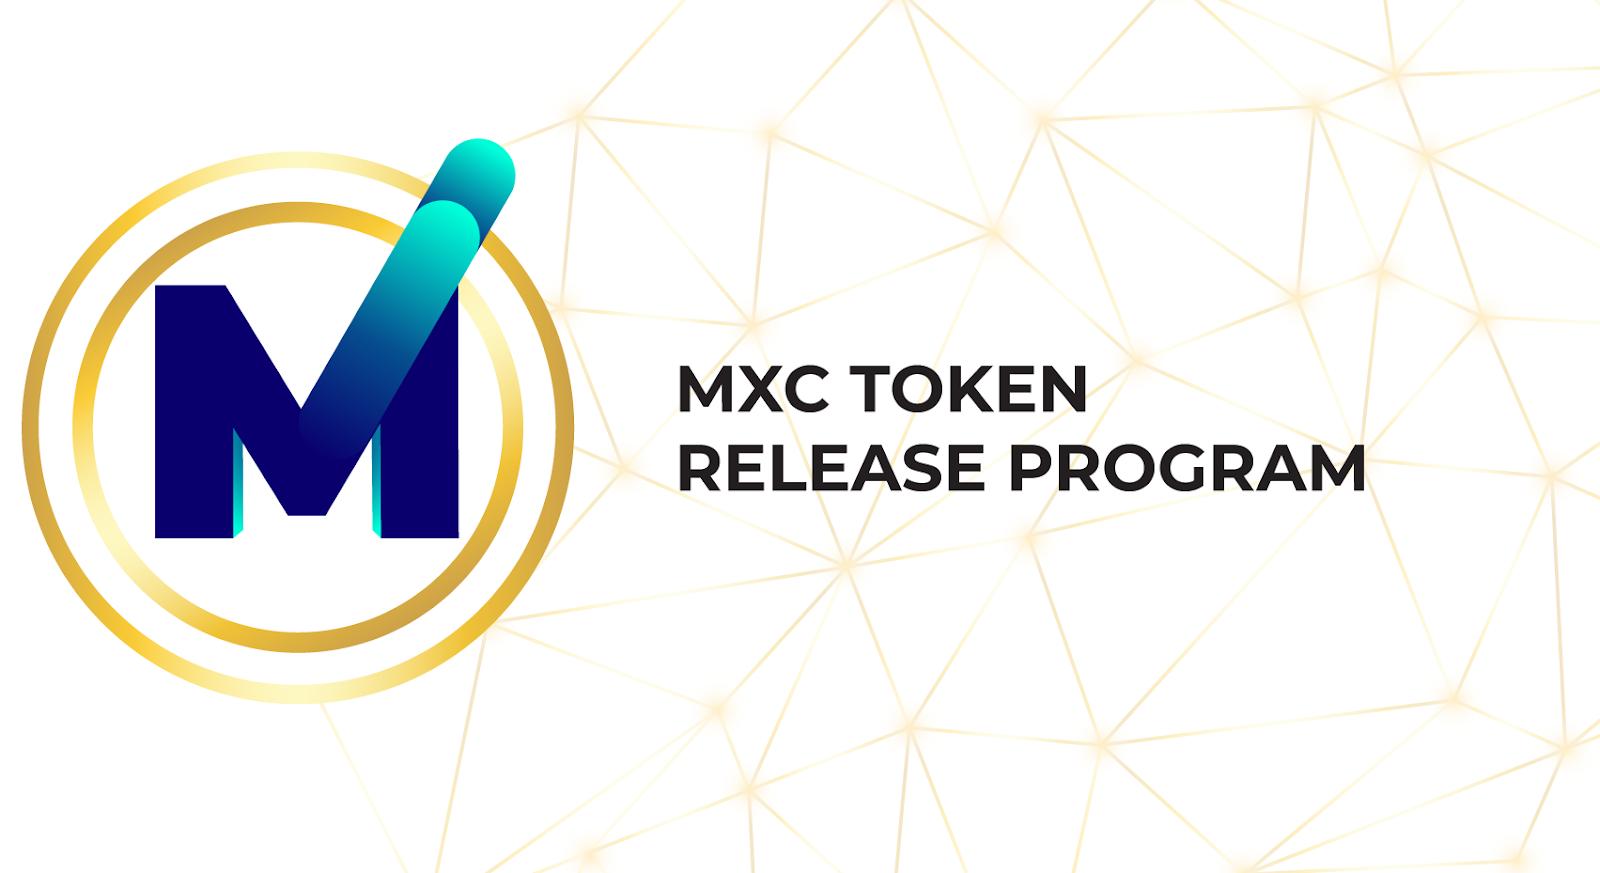 MXC-token-release-program-1-1